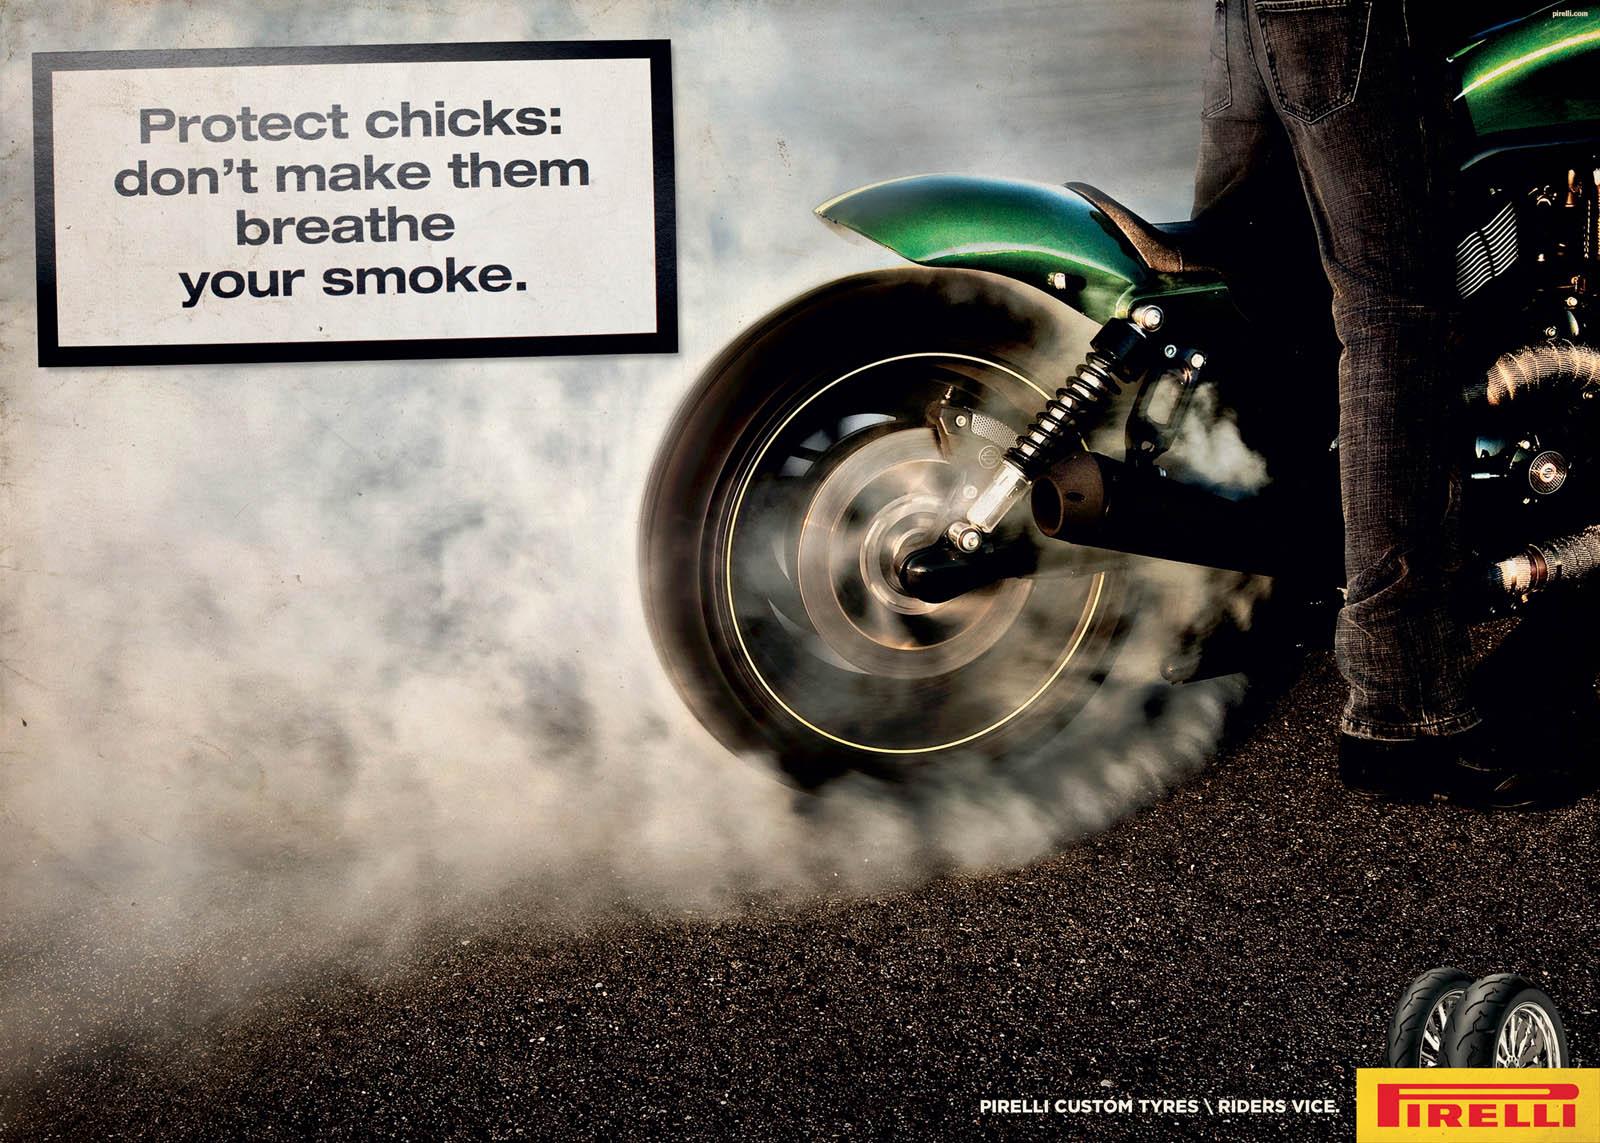 http://2.bp.blogspot.com/_qp496V8uCUs/TRNMfH3swVI/AAAAAAAAAz4/DjFDsvwu_AI/s1600/Pirelli-Smoke2.jpg